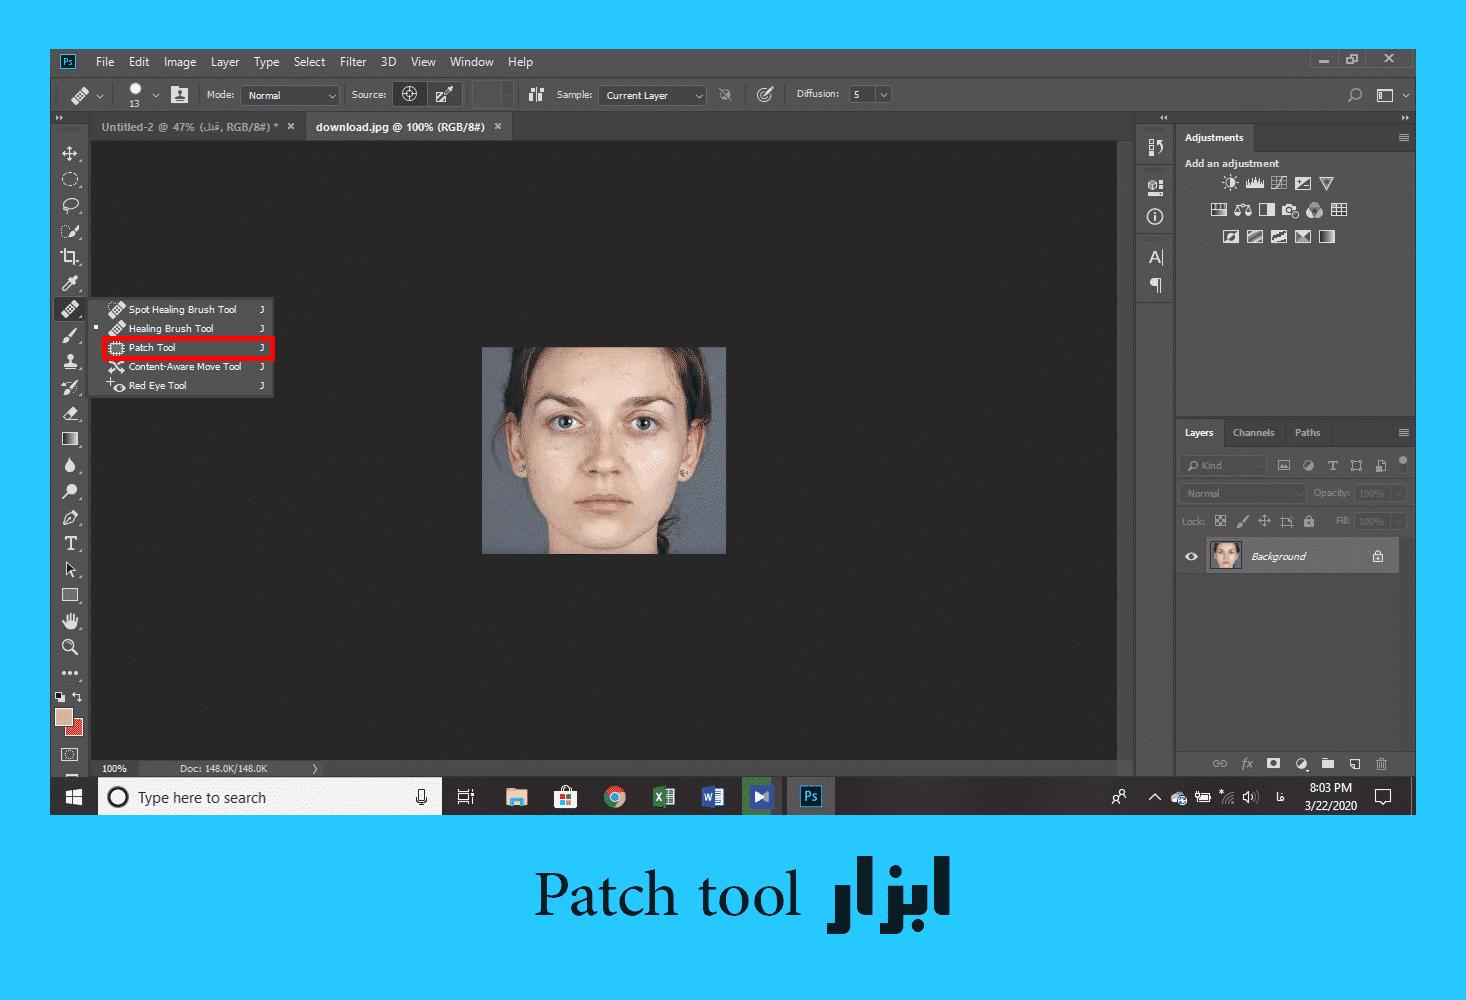 Patch tool از ابزار های روتوش در عکاسی